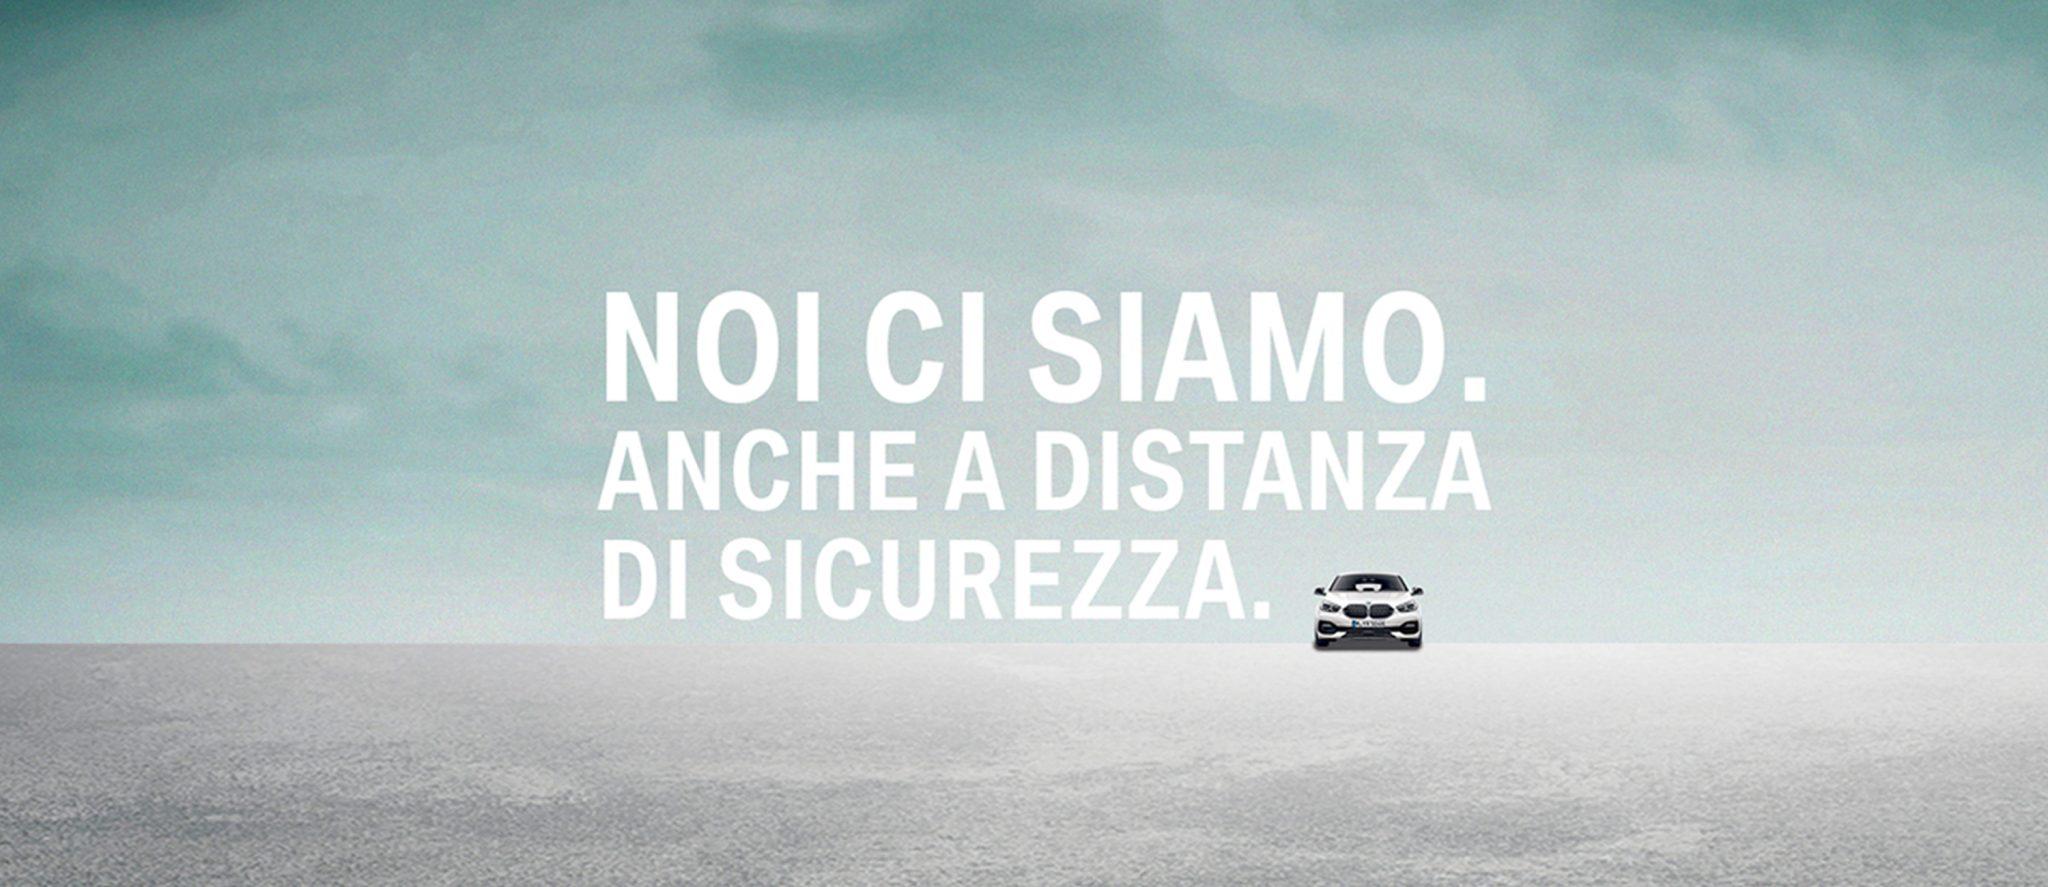 BMW lancia #InsiemePerRipartire, la campagna di solidarietà thumbnail